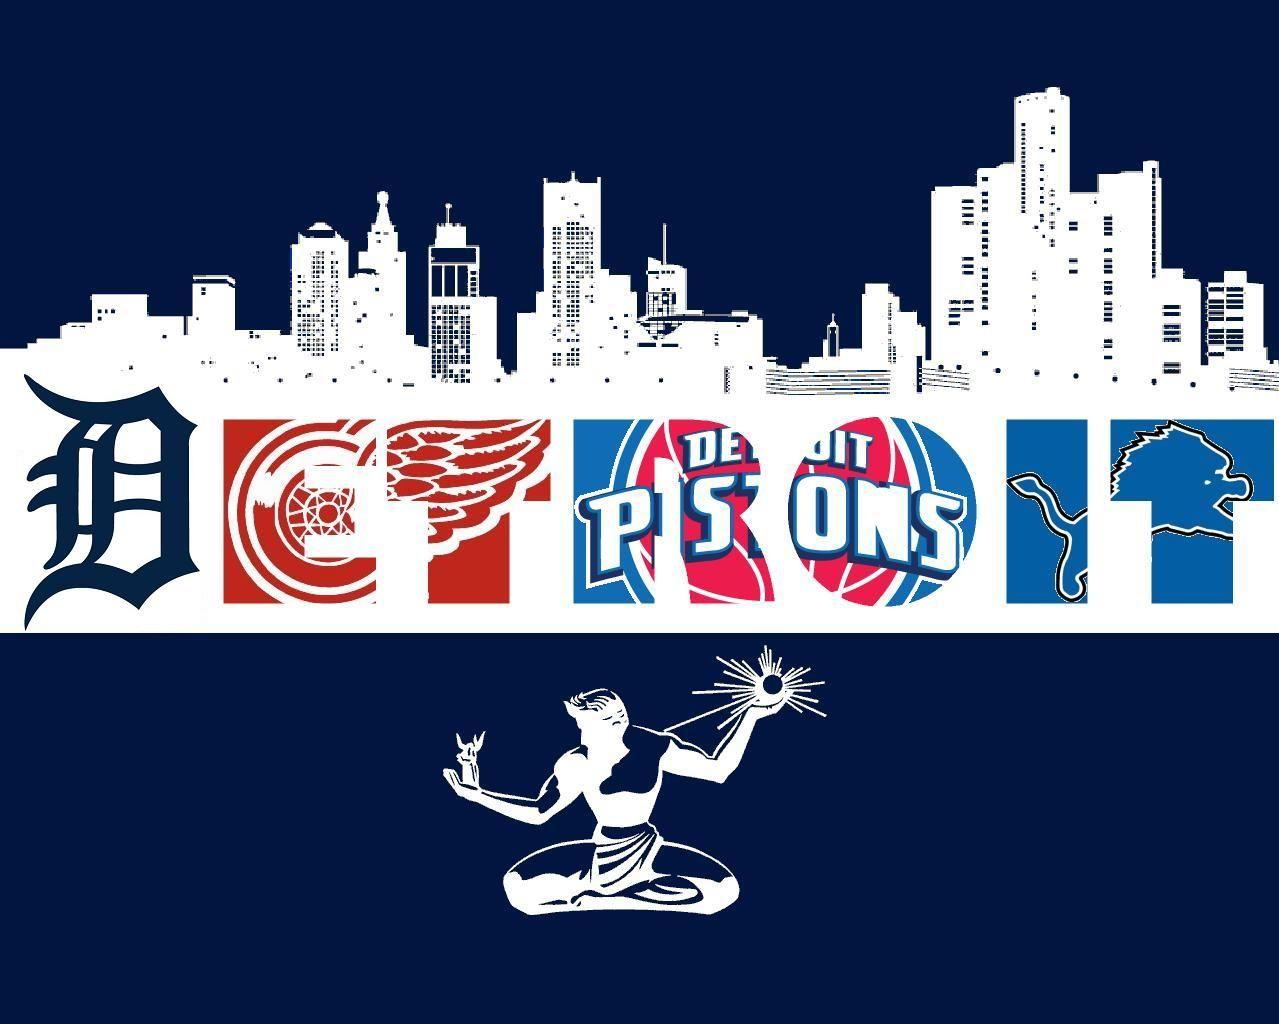 Nothing But Love For Our Detroit Sports Http Www Lansingmarketinggroup Com Detroit Sports Detroit Lions Wallpaper Detroit